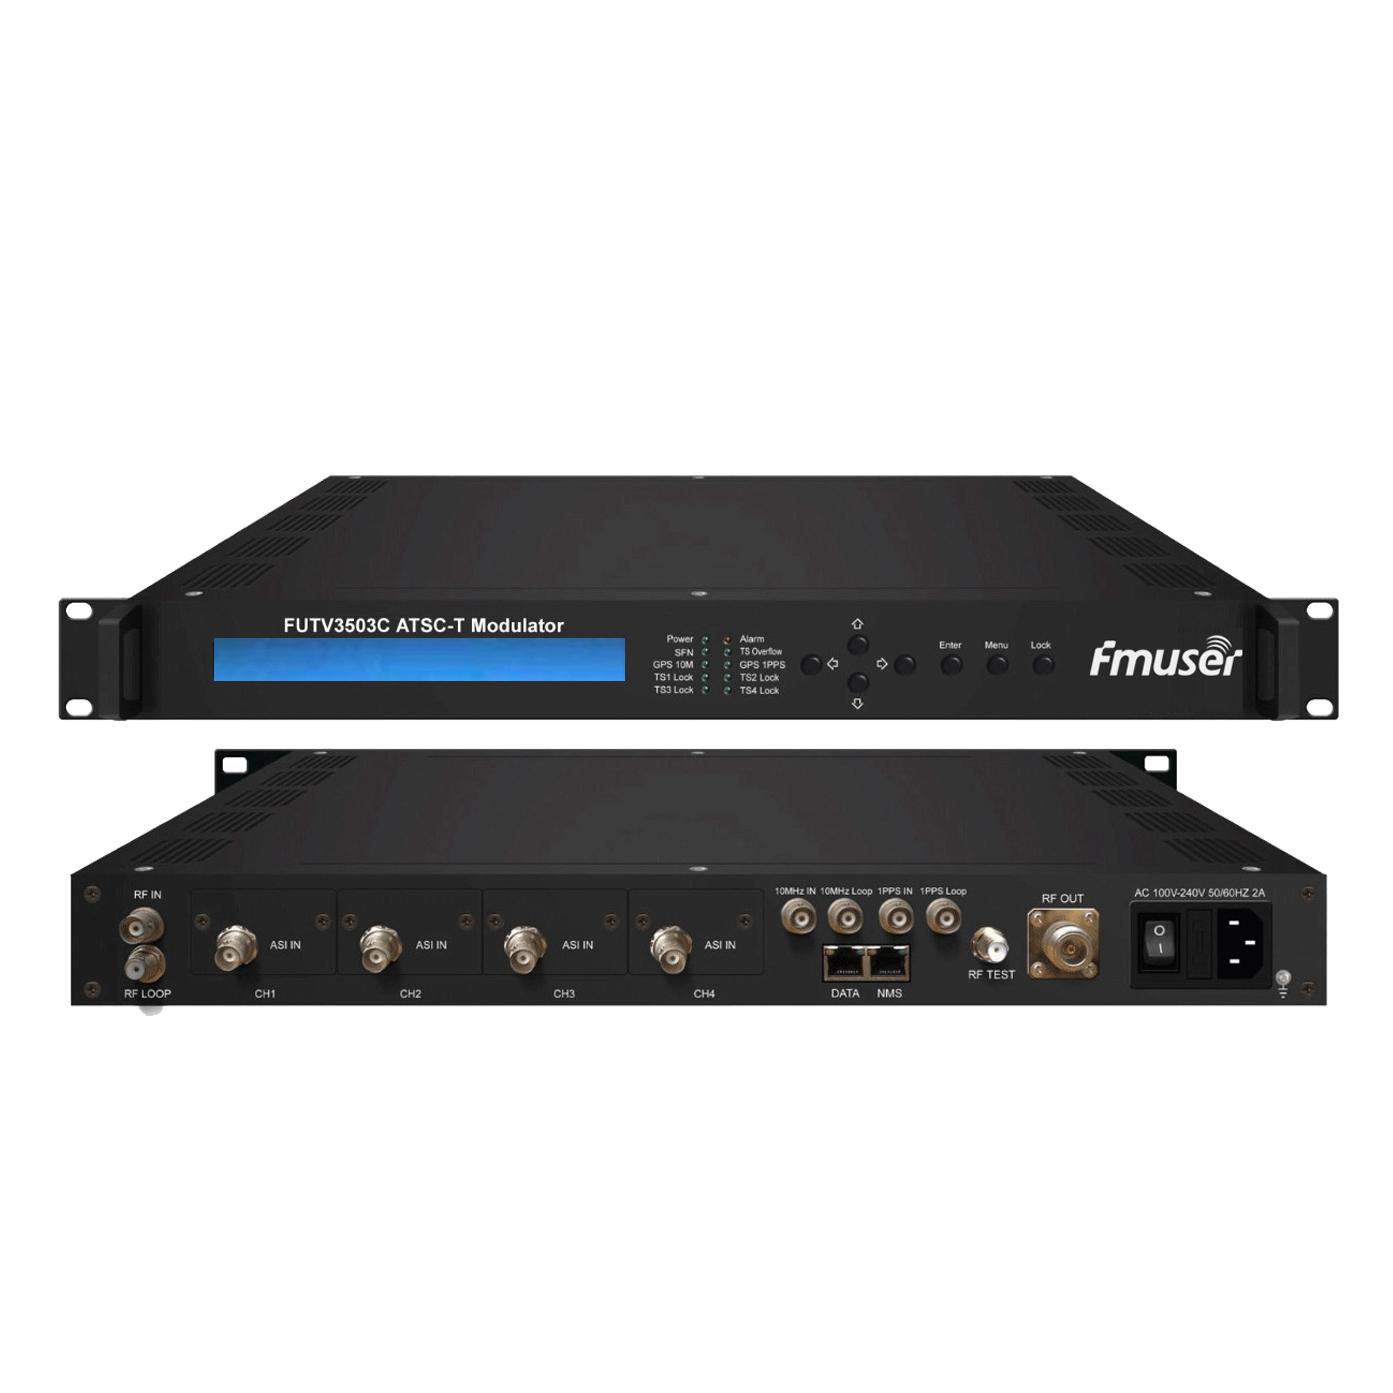 نیٹ ورک کے انتظام کے ساتھ آریف ماڈلن کرنے FMUSER FUTV3503C ATSC-T 8VSB ماڈیولیٹر 8-VSB (2 * اے ایس آئی / 2 * SMPTE 310M ان پٹ، آریف ontput، ATSC 8VSB ماڈلن)